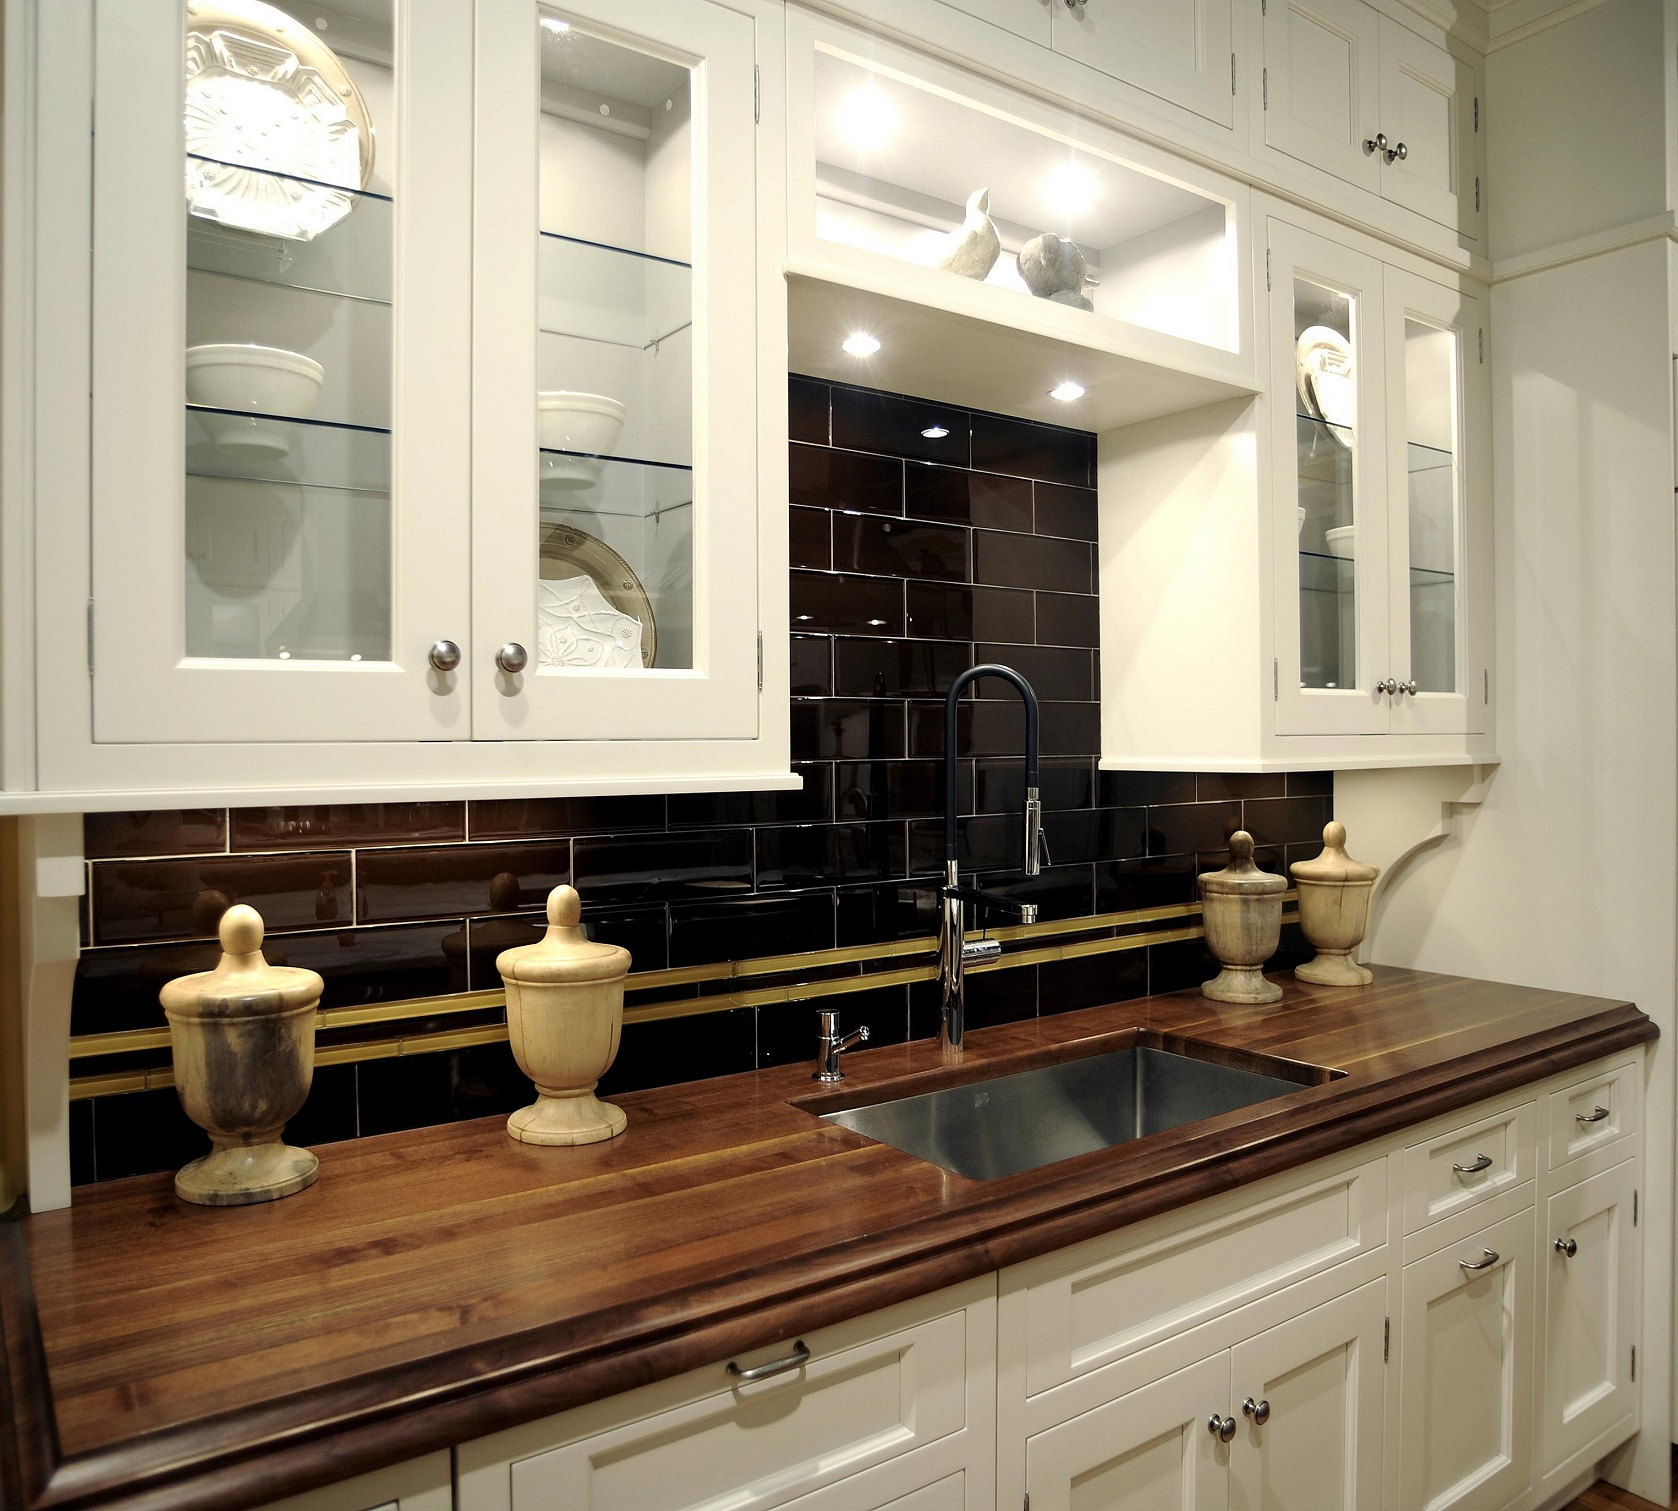 kitchen design ideas diy photo - 7